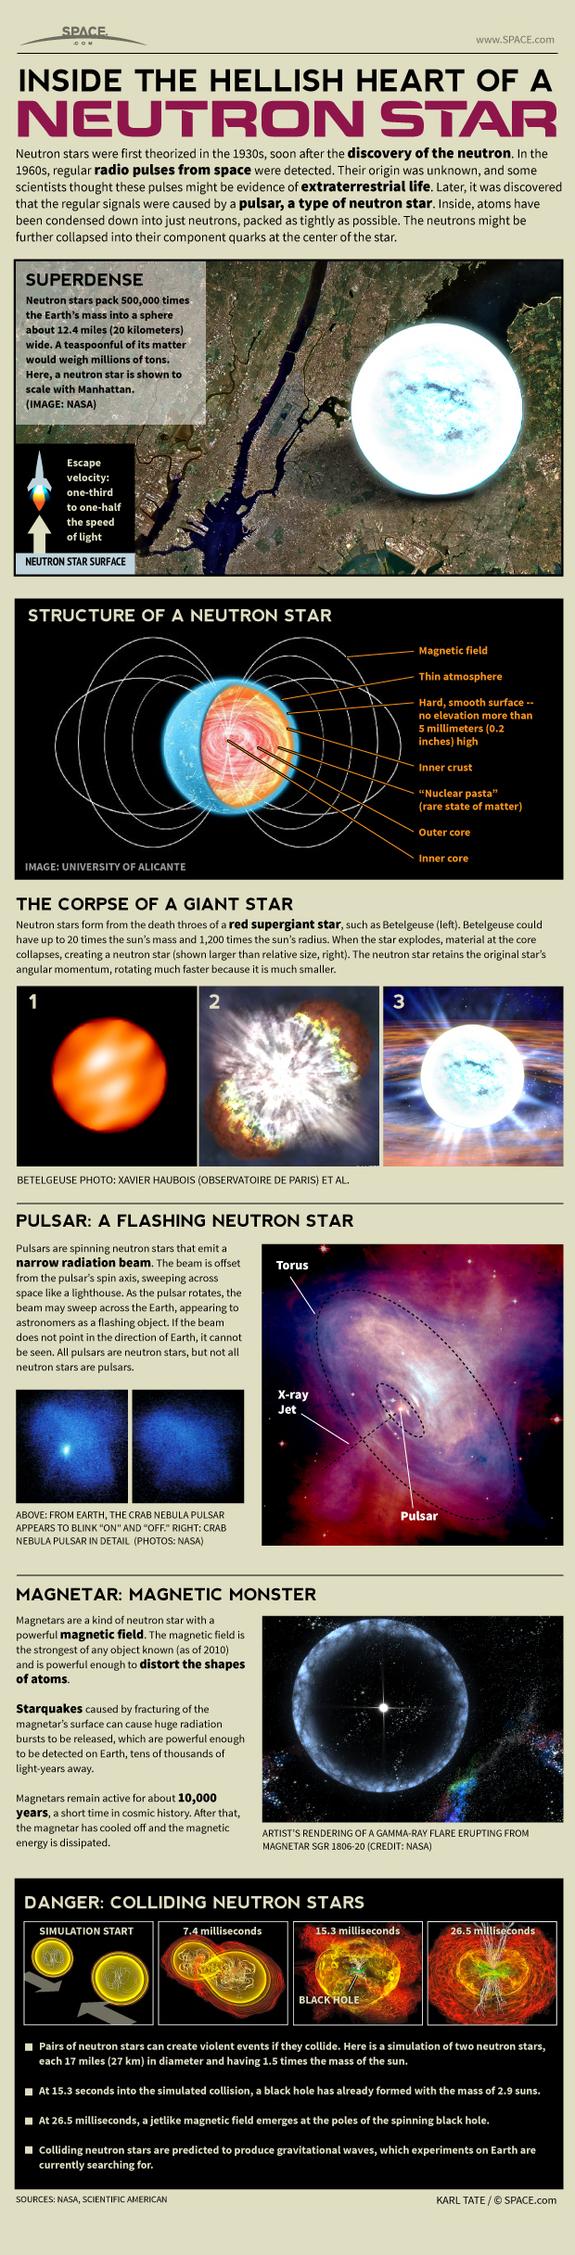 neutron-stars-explainer-130723d-02.jpg (1 MB)